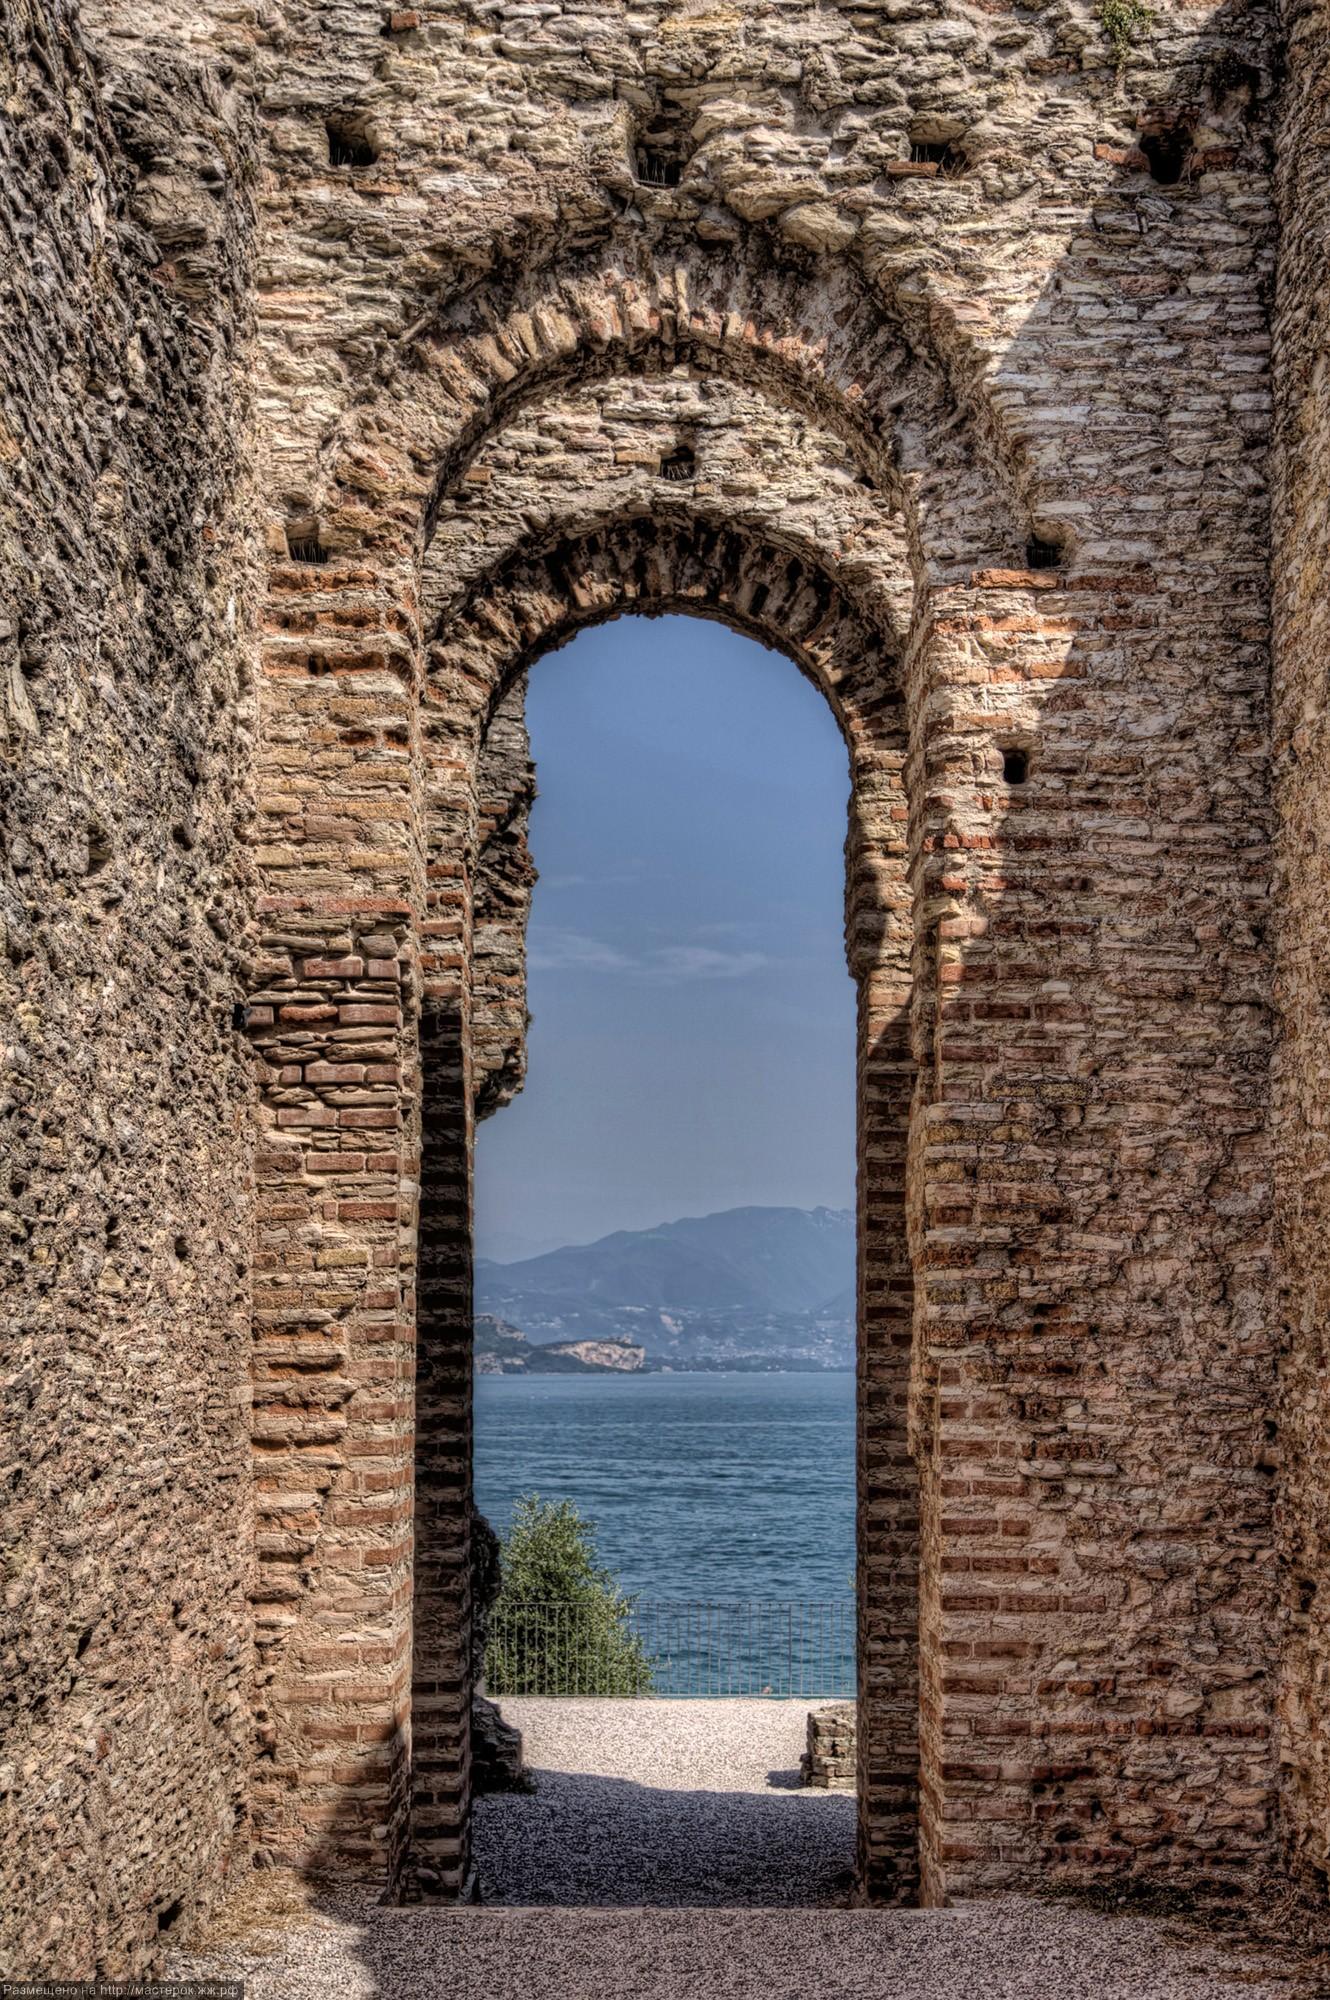 Veduta sul Lago di Garda da un'arcata delle terme di Catullo